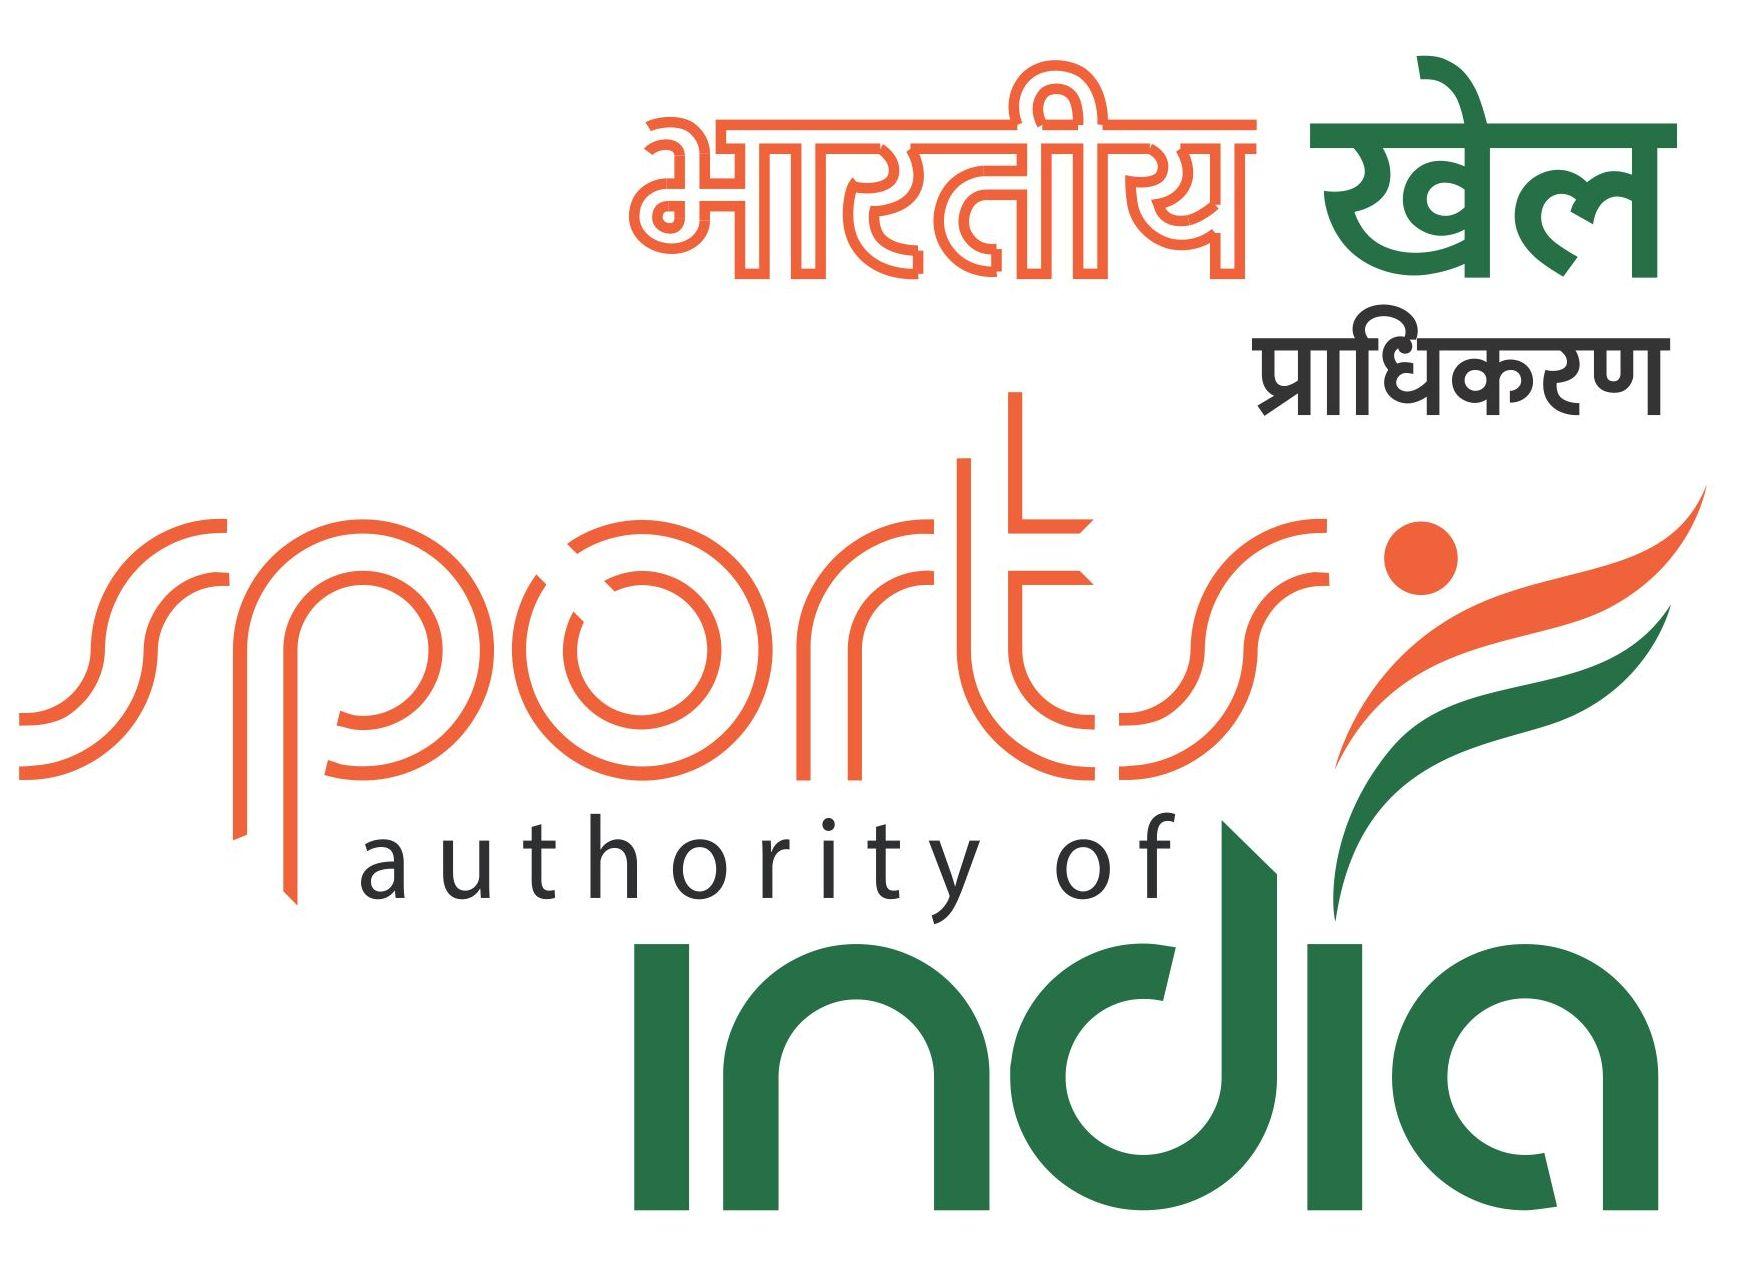 Sport Authority of India